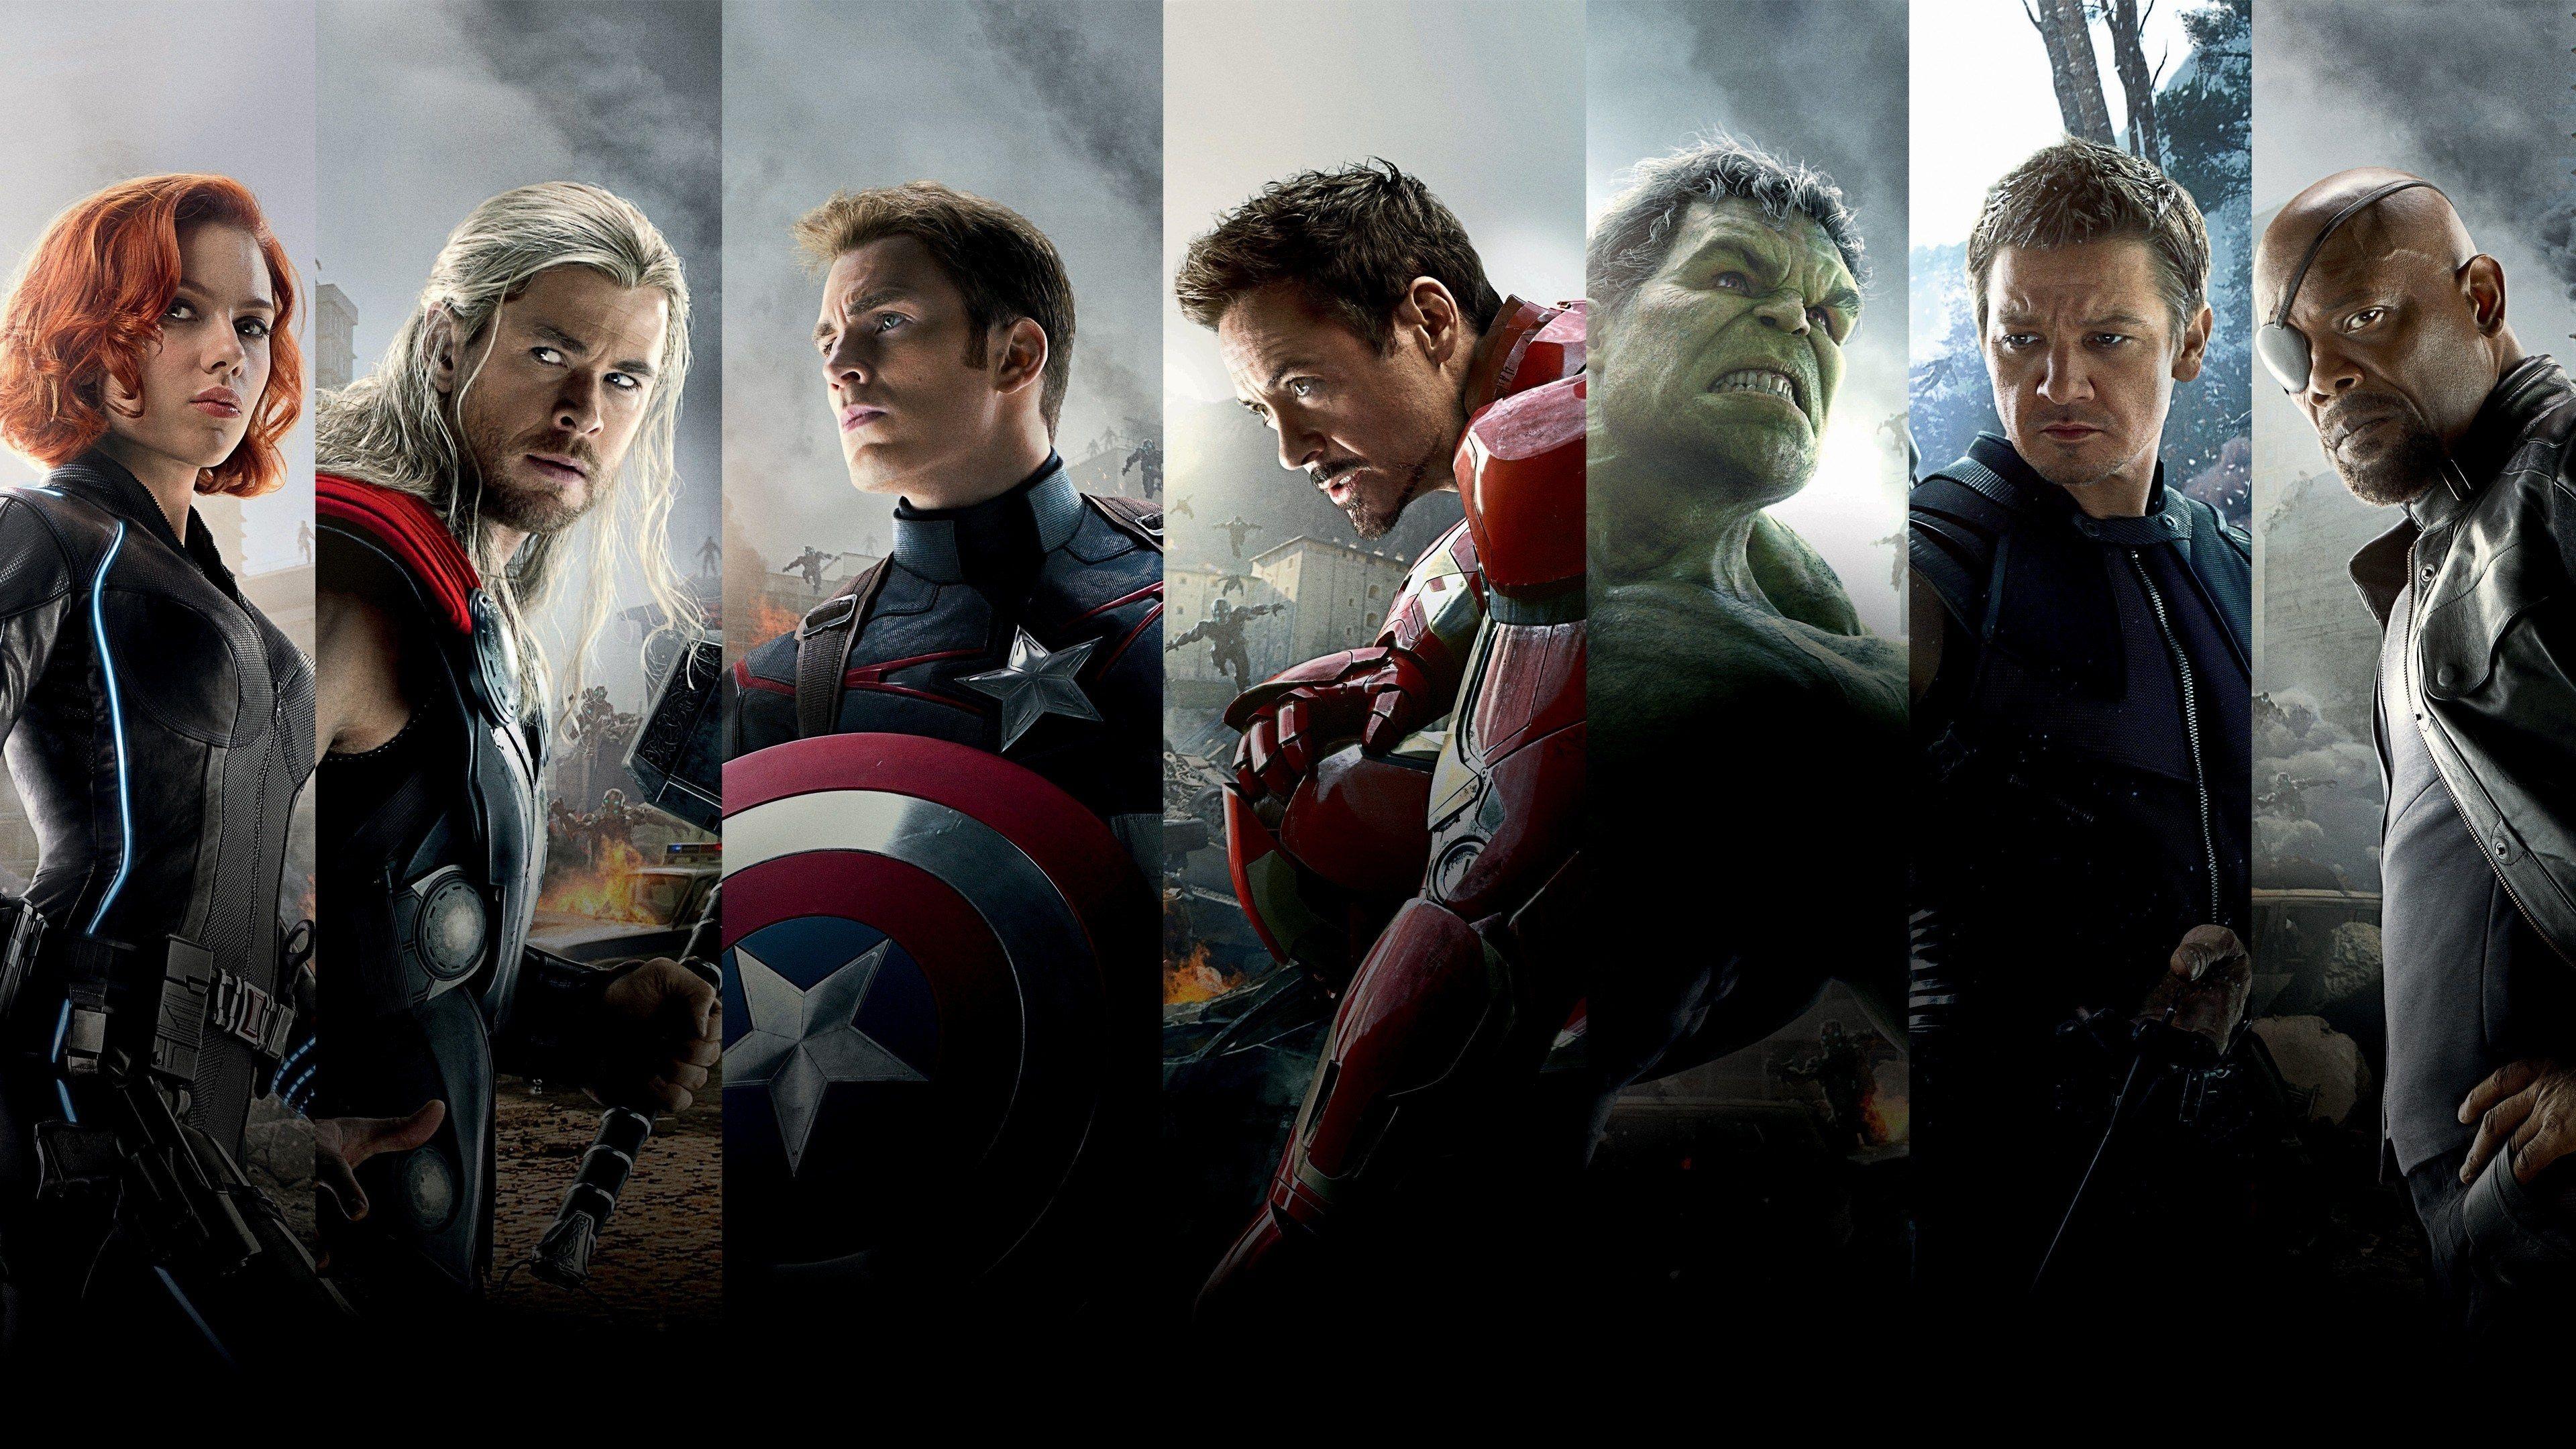 3840x2160 Avengers 4k Computer Desktop Hd Wallpaper Avengers Wallpaper Black Widow Avengers Avengers Pictures